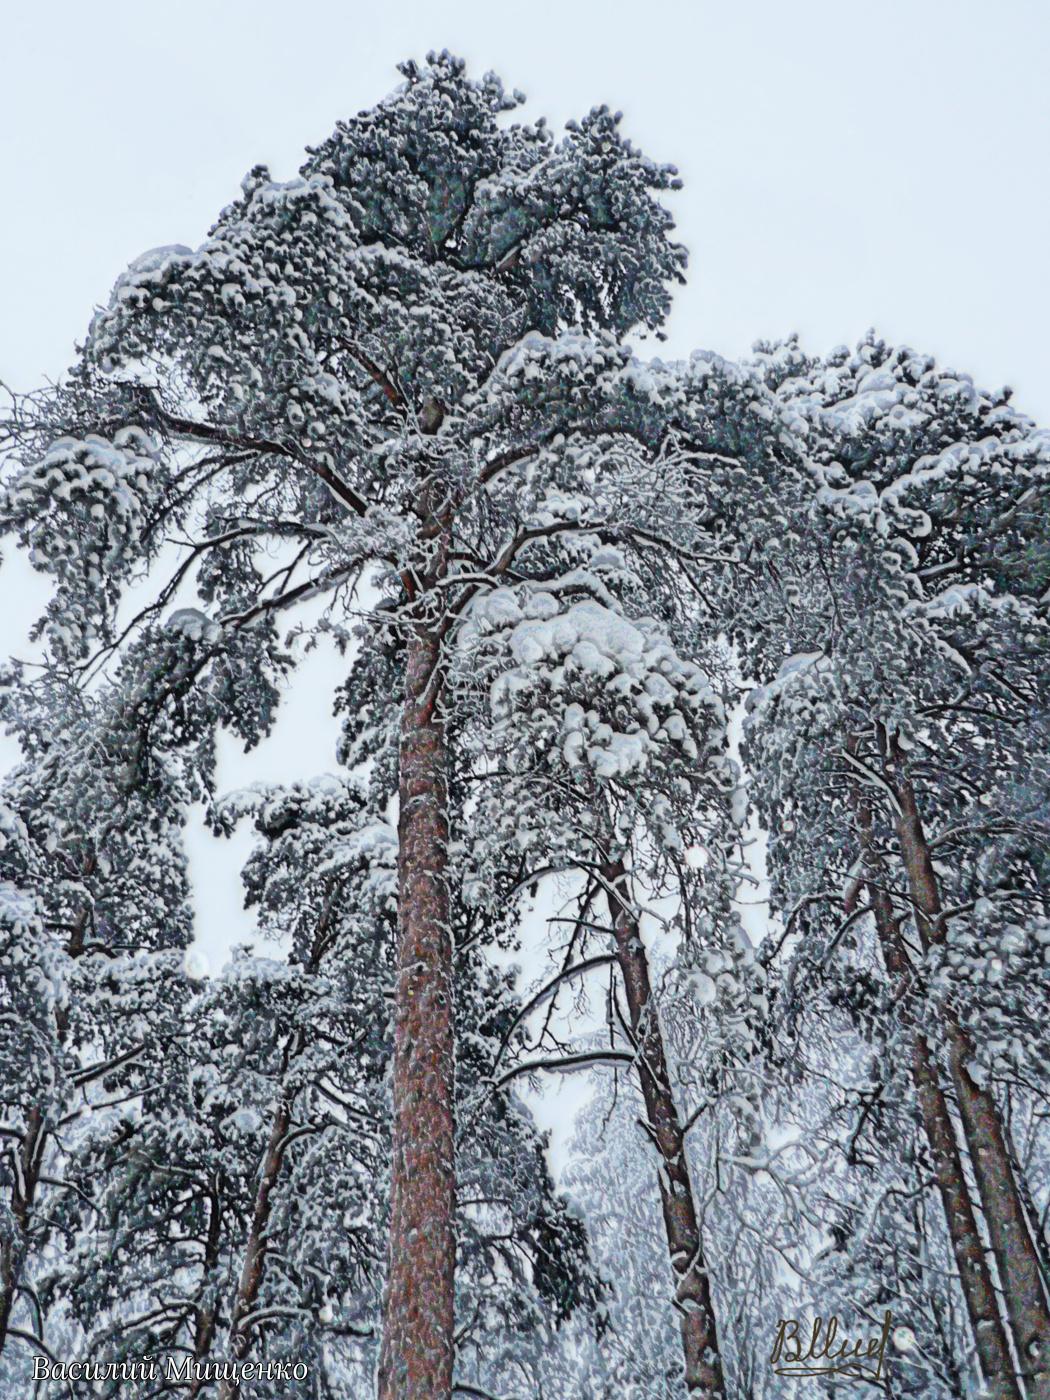 Vasiliy Mishchenko. Зимний пейзаж 0103